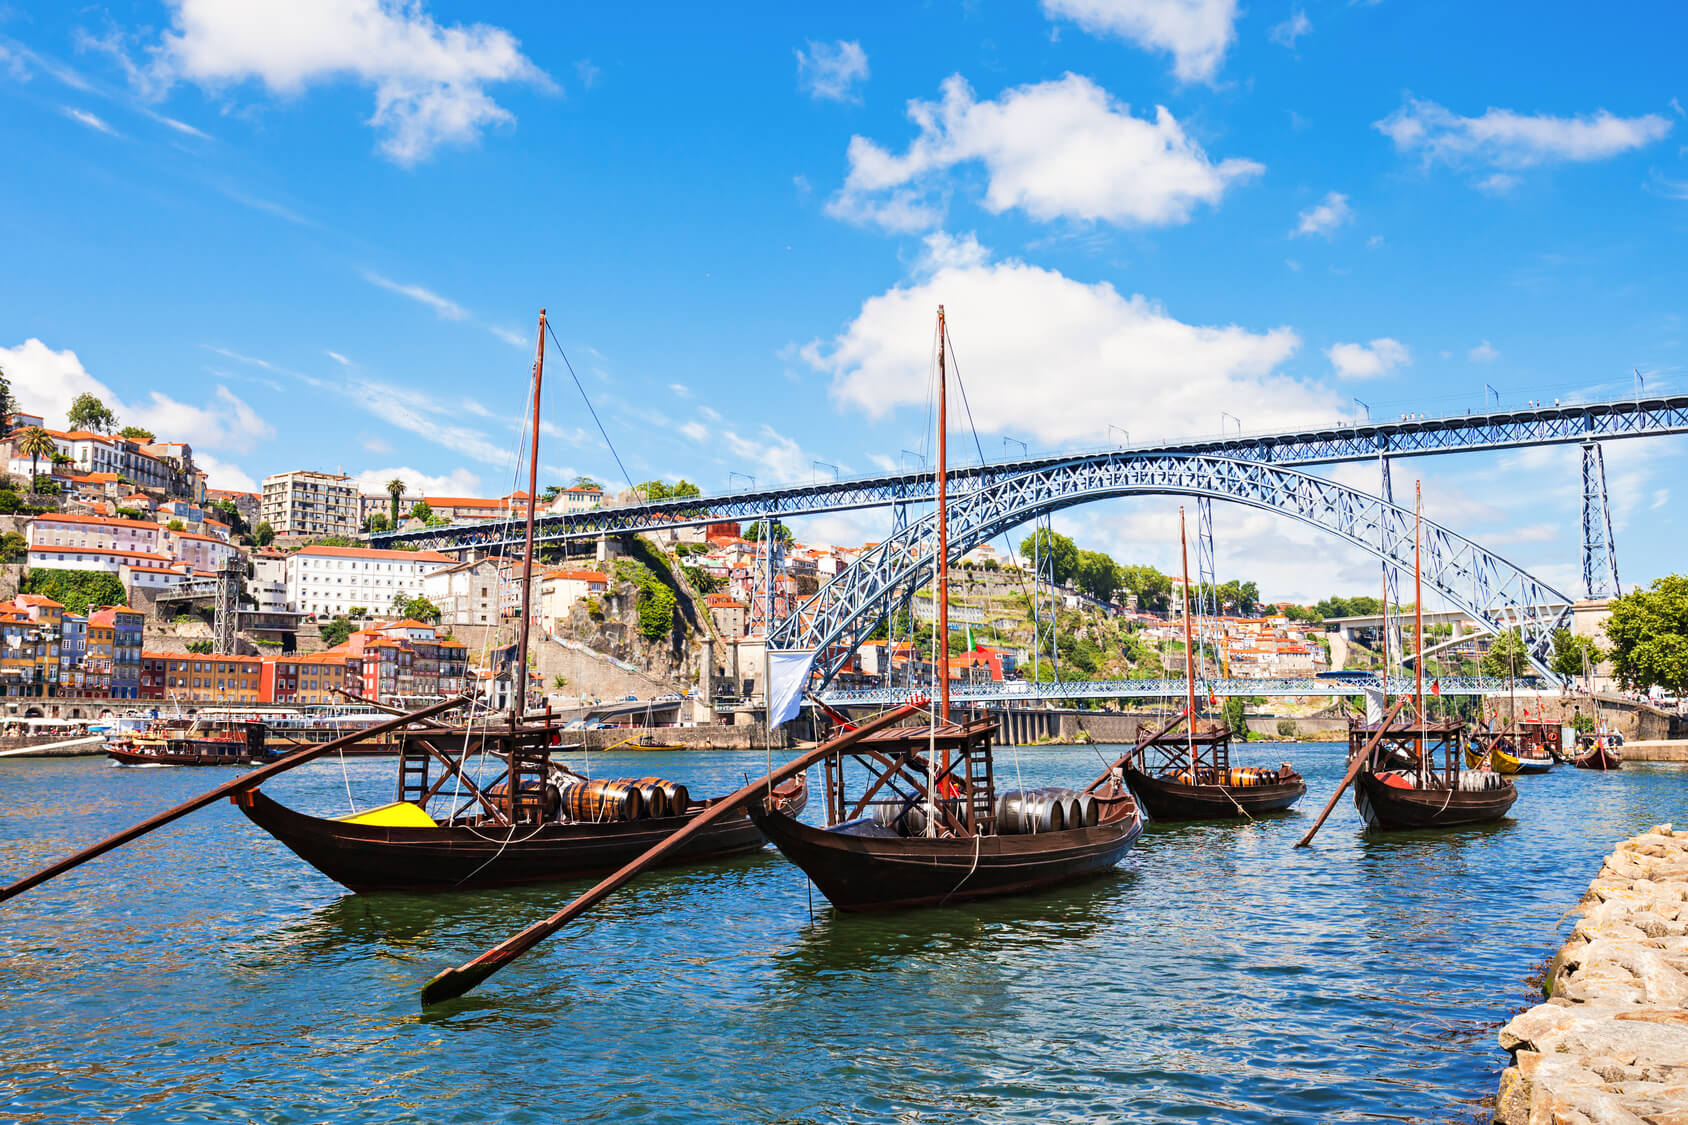 Visitas Guiadas Porto - Passeio de Barco no Douro